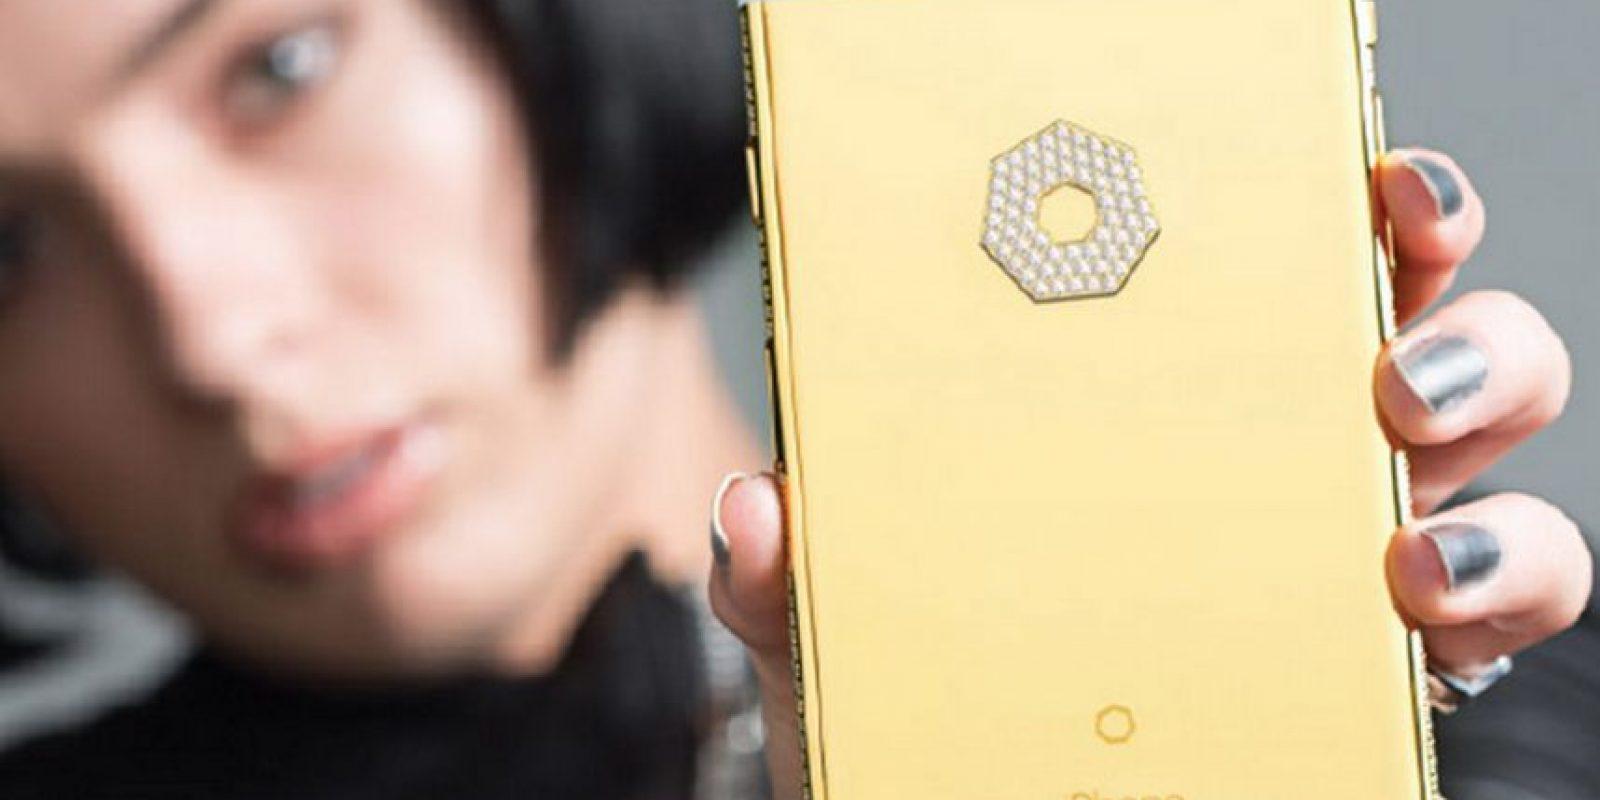 Pueden hacer una edición de lujo de cámaras Nikkon, el Apple Watch o un iPhone Foto:Brikk